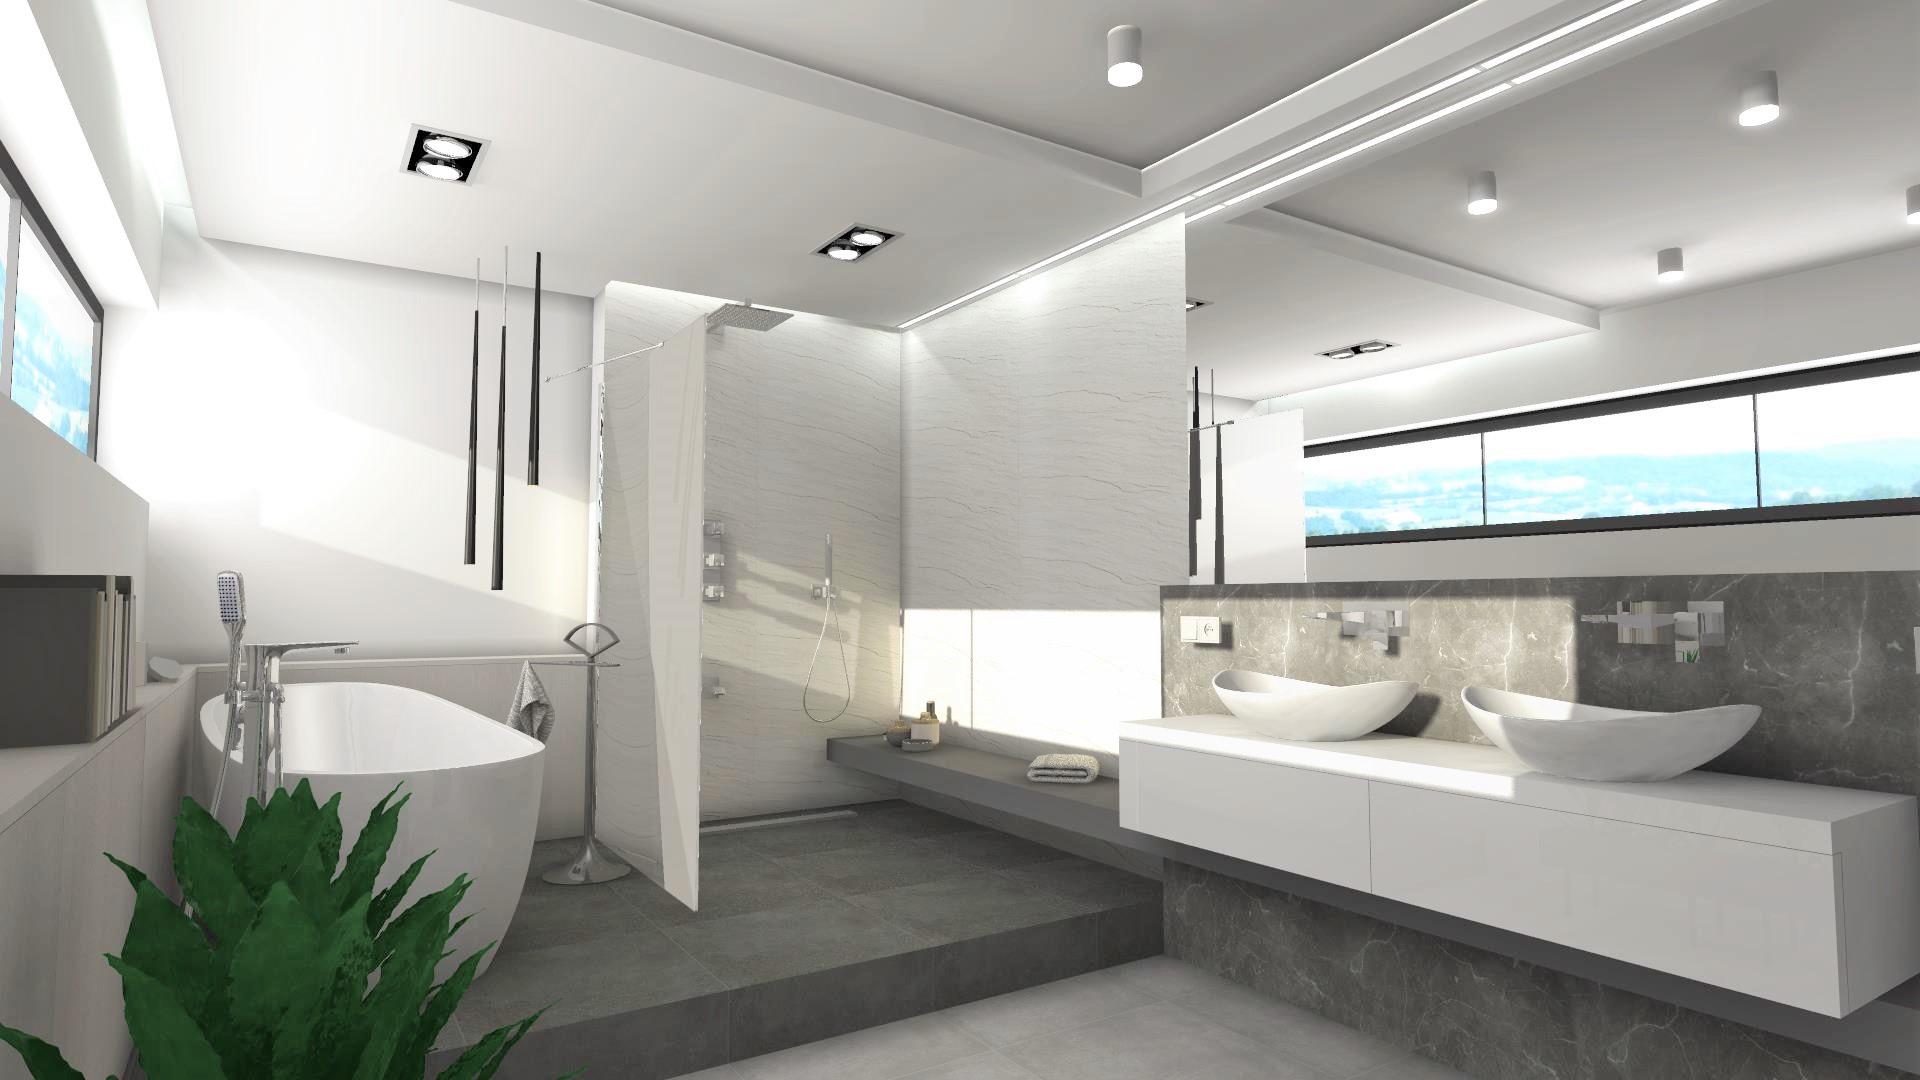 projekt wnętrza_projekt łazienki_Lubin_głogów_polskowice_Legnica_designbox_marta_bednarska_małek_2